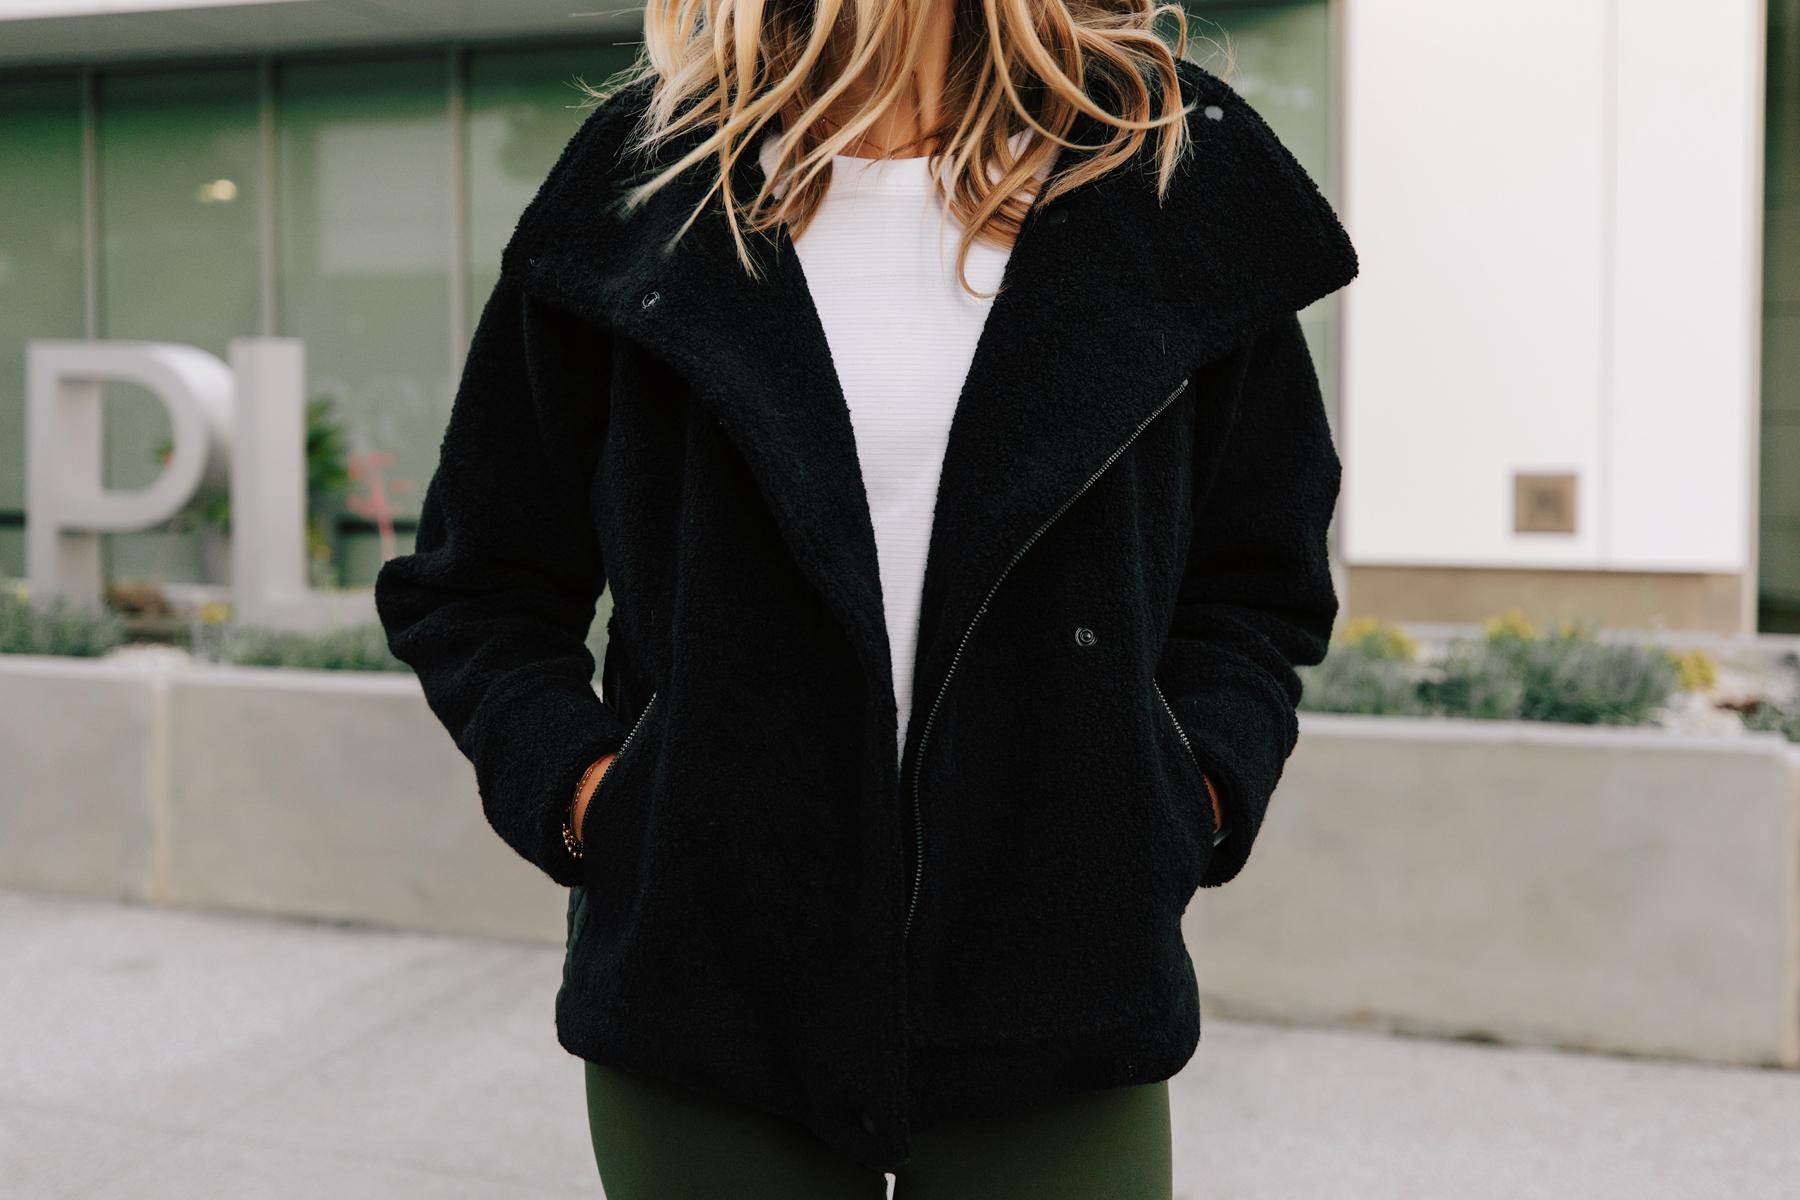 Fashion Jackson Wearing lululemon Black Sherpa Jacket